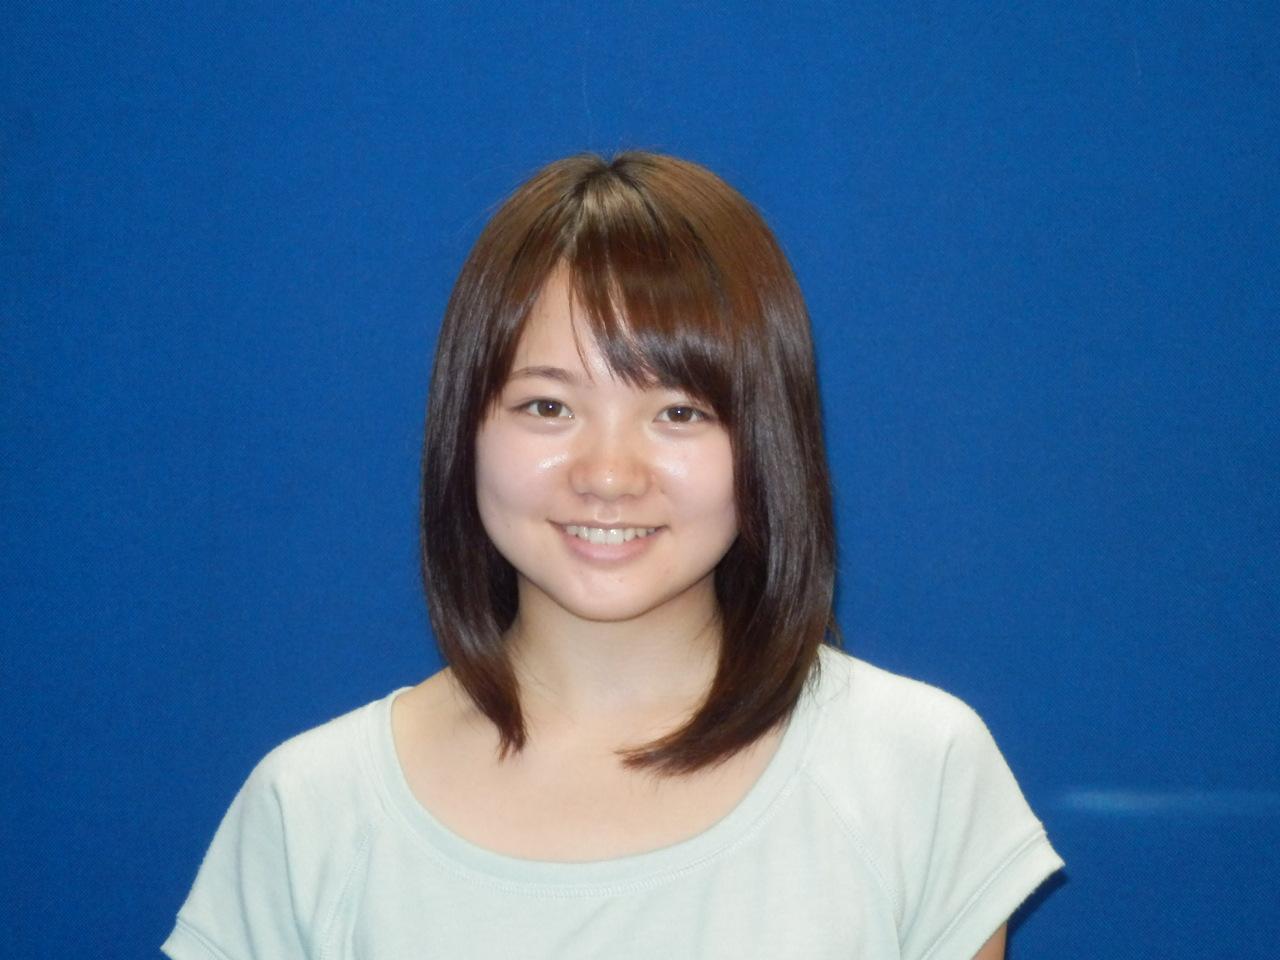 牧田優花 さん